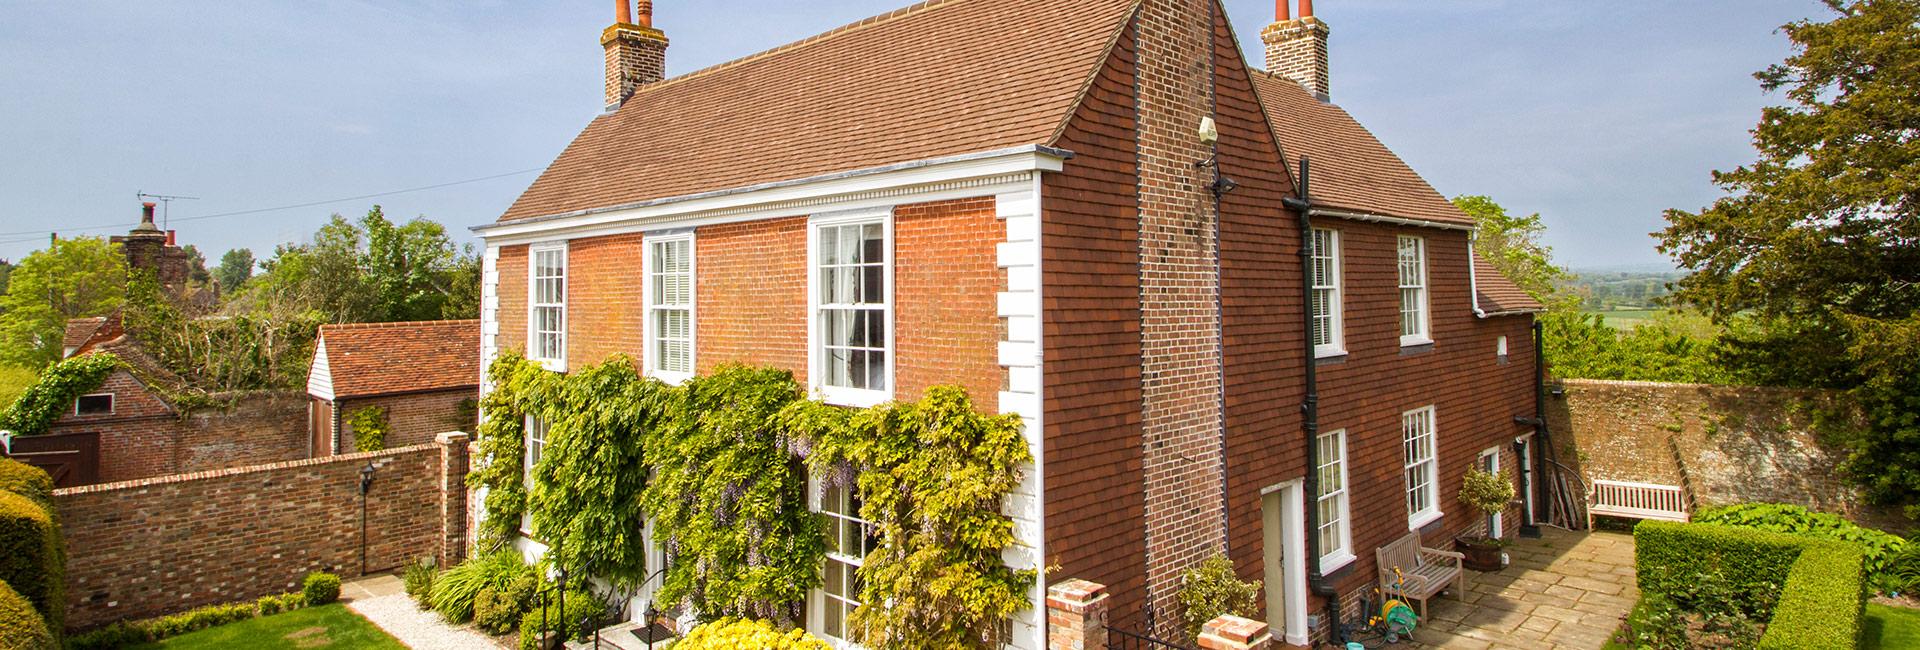 Boreham House B&B